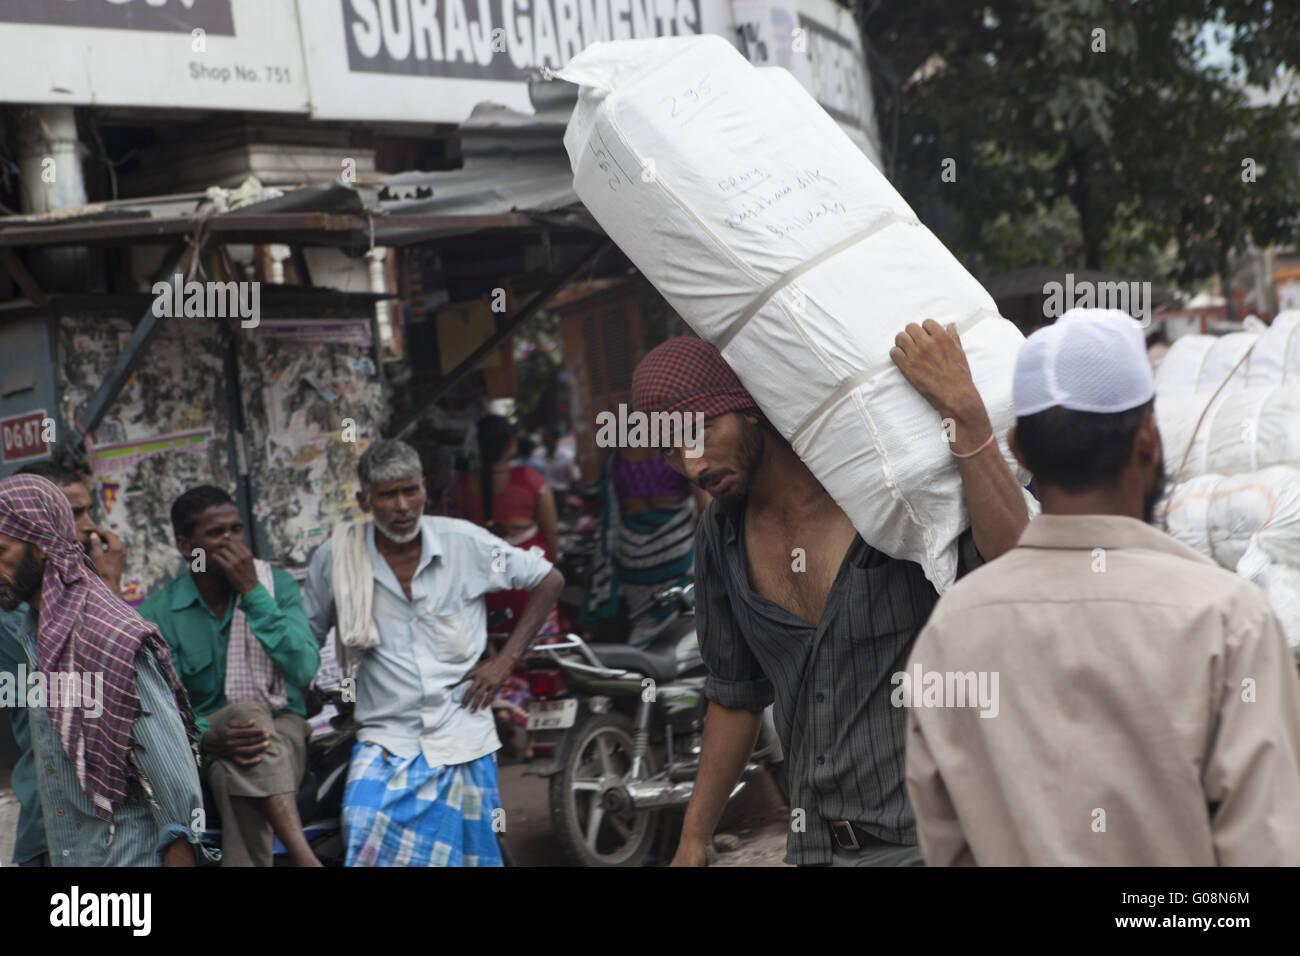 Indien trägt ein großes Paket, Alt-Dehli, Indien Stockbild